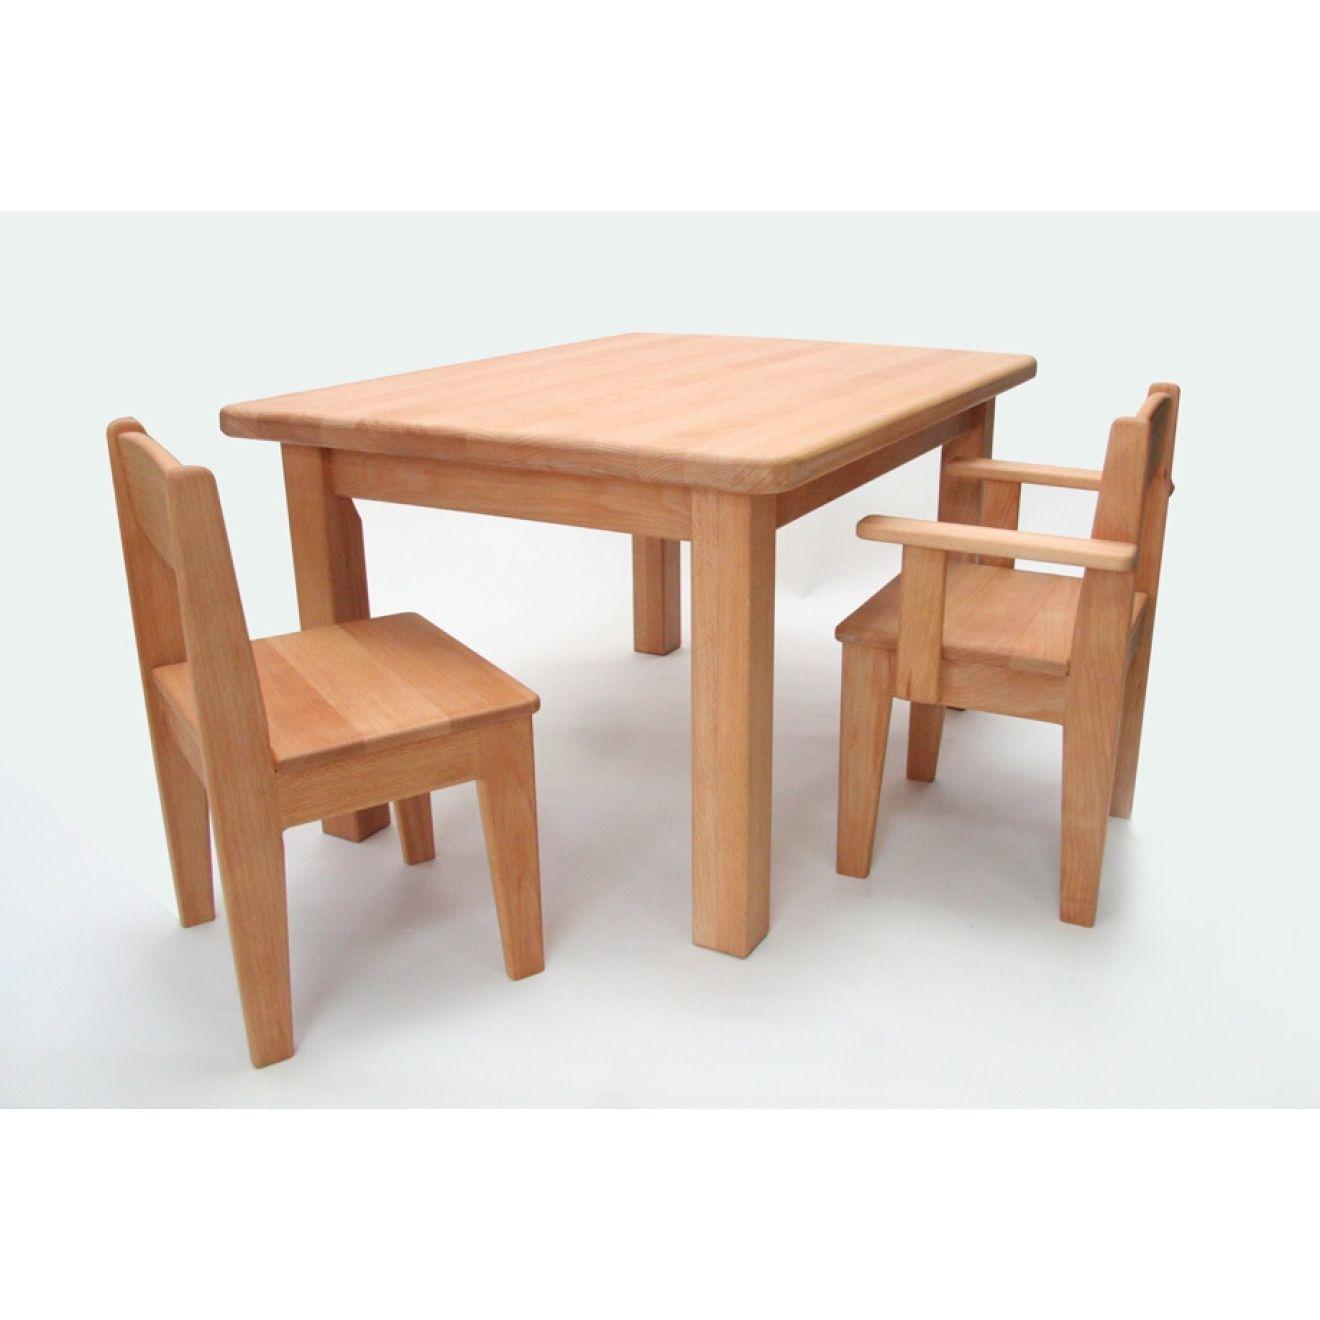 Kinderstuhl Holz Buche gelt Sitzhhe 26 cm (Tisch